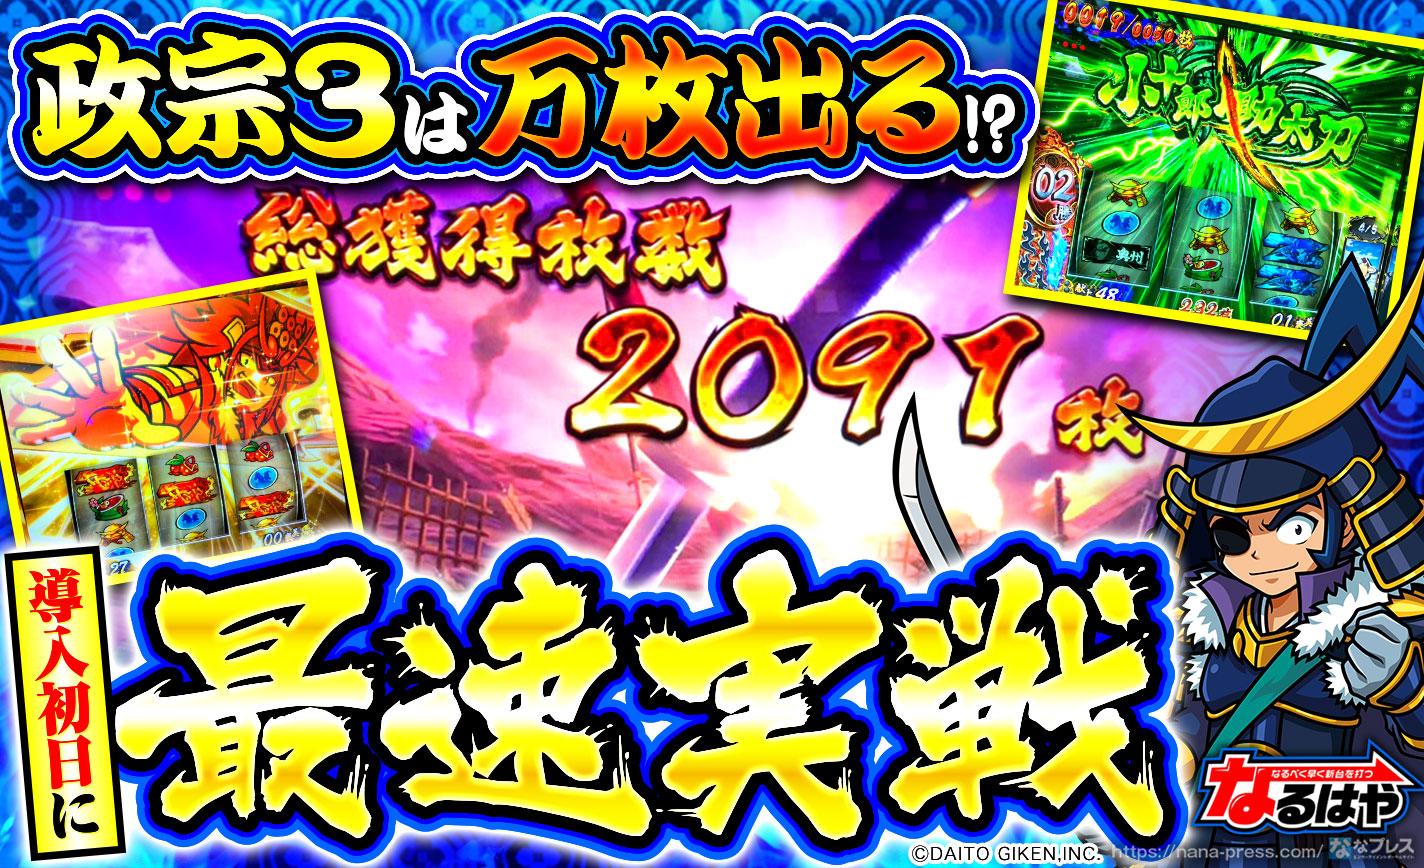 【政宗3】導入初日に最速実戦!万枚出ると噂の機種で初ATから2000枚OVER! eyecatch-image